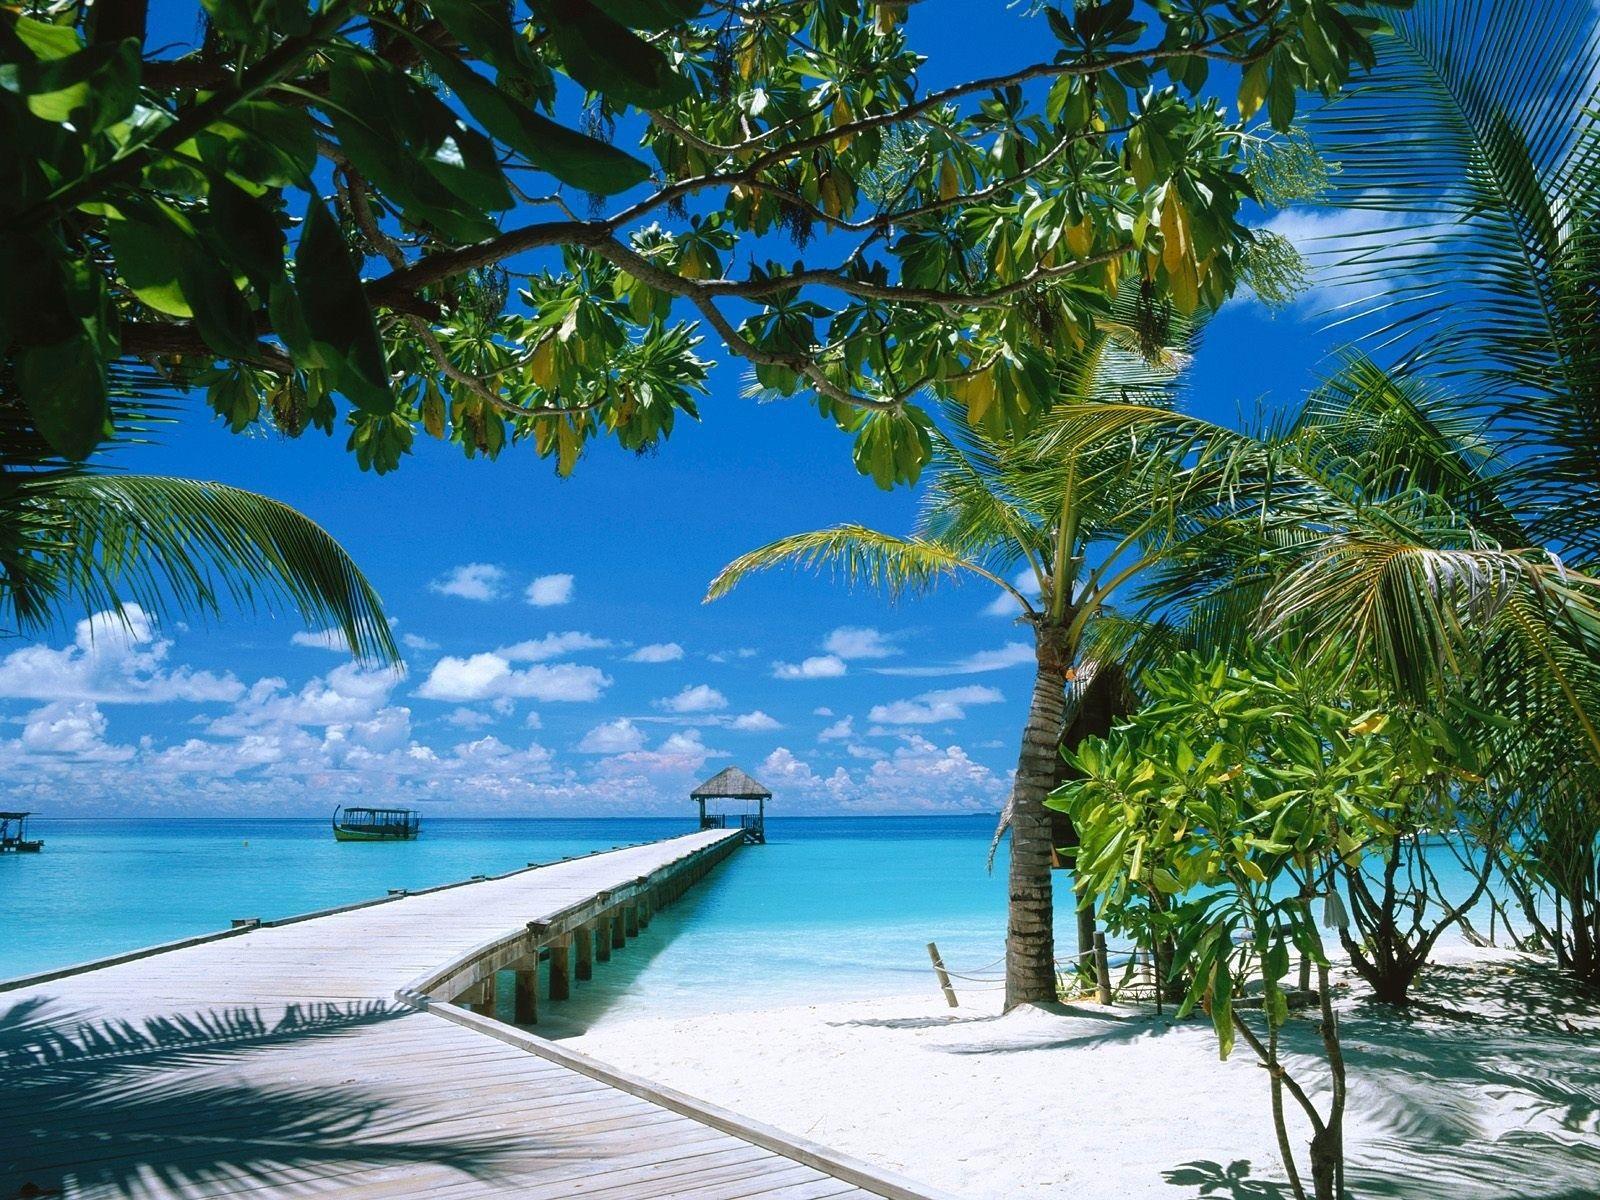 Tropical Beach Wallpaper Tropical Beach Hd Wallpaper